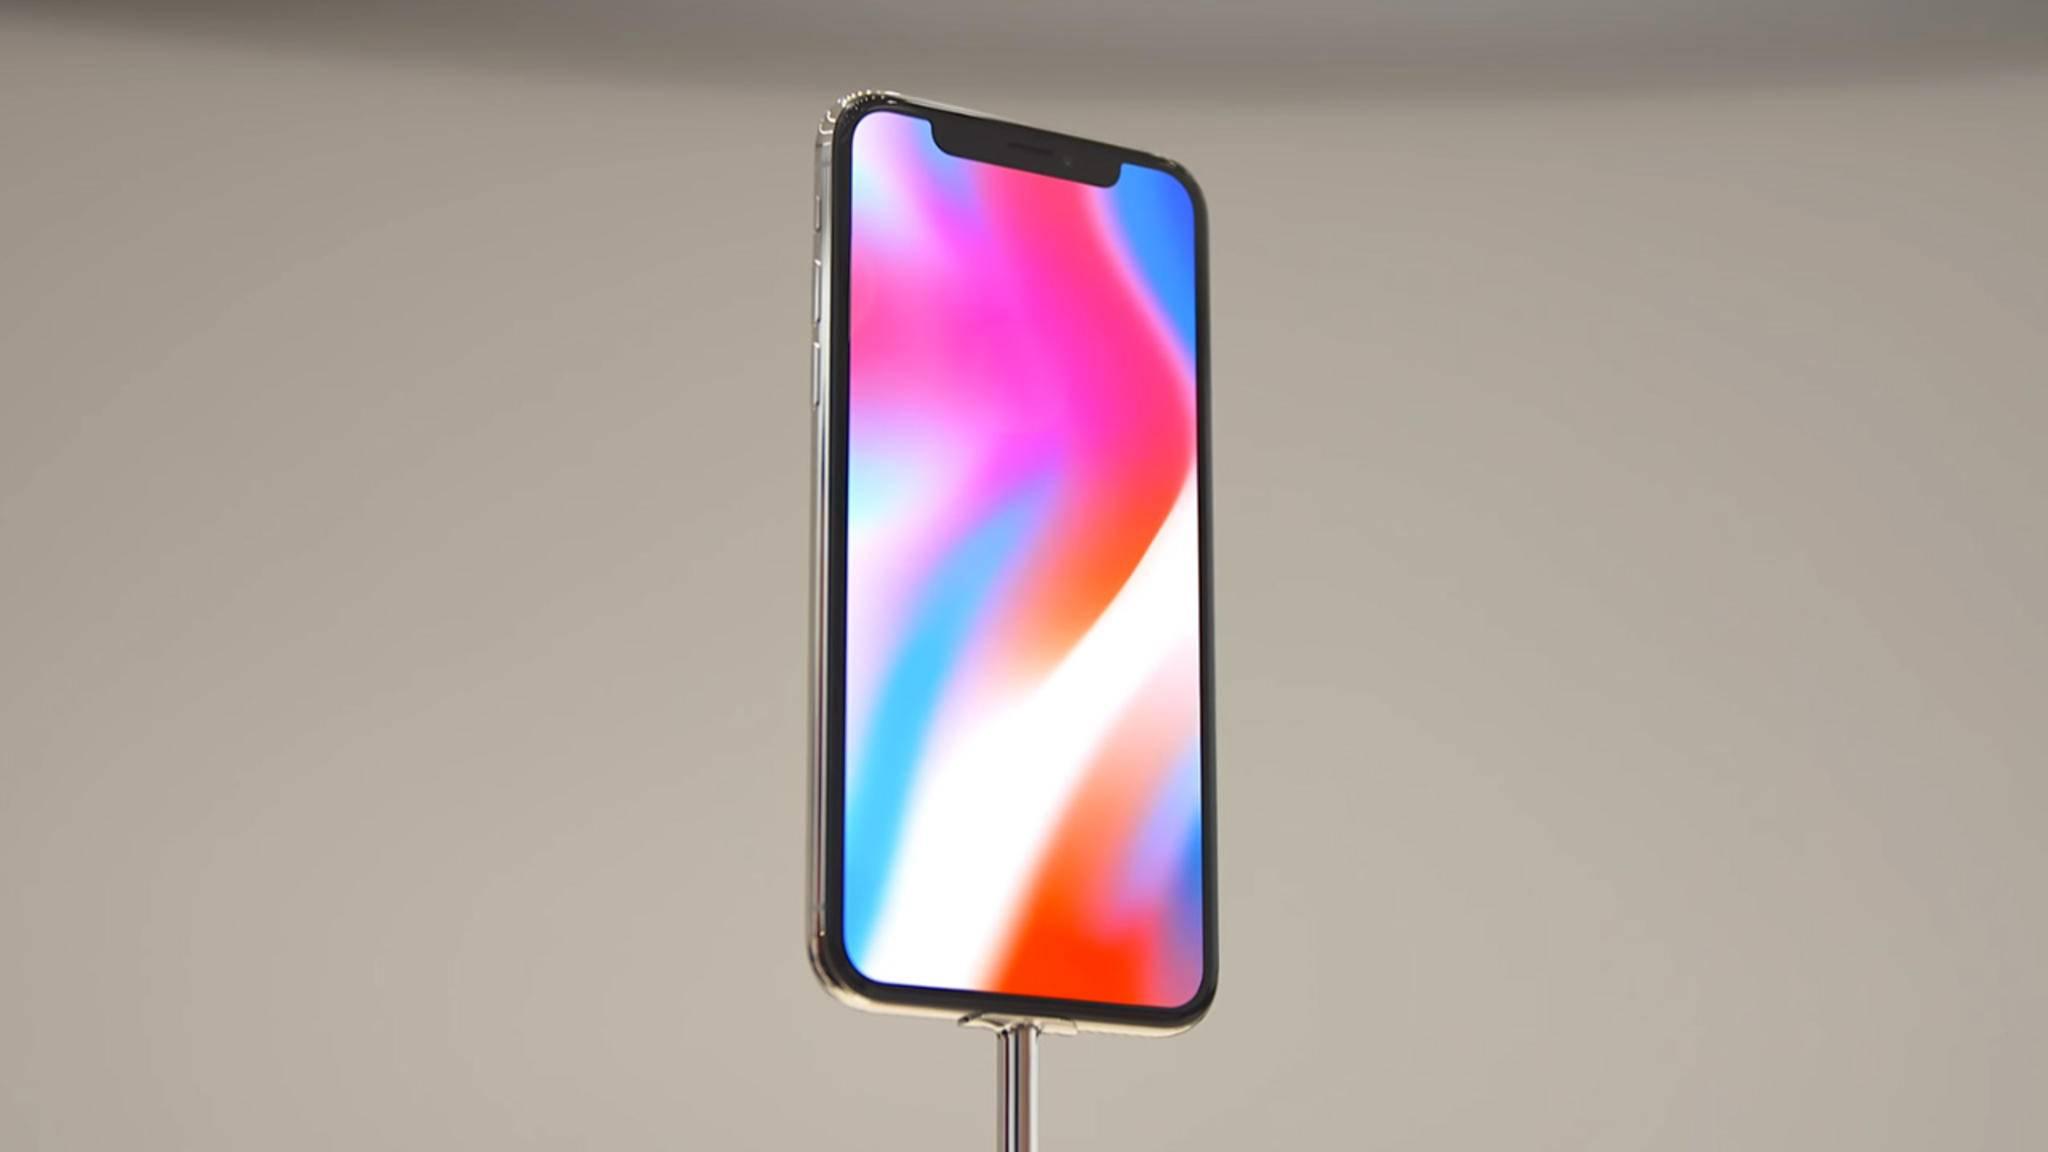 IOS 11-Wallpaper: Schicke Hintergründe Für IPhone 8 & IPhone X